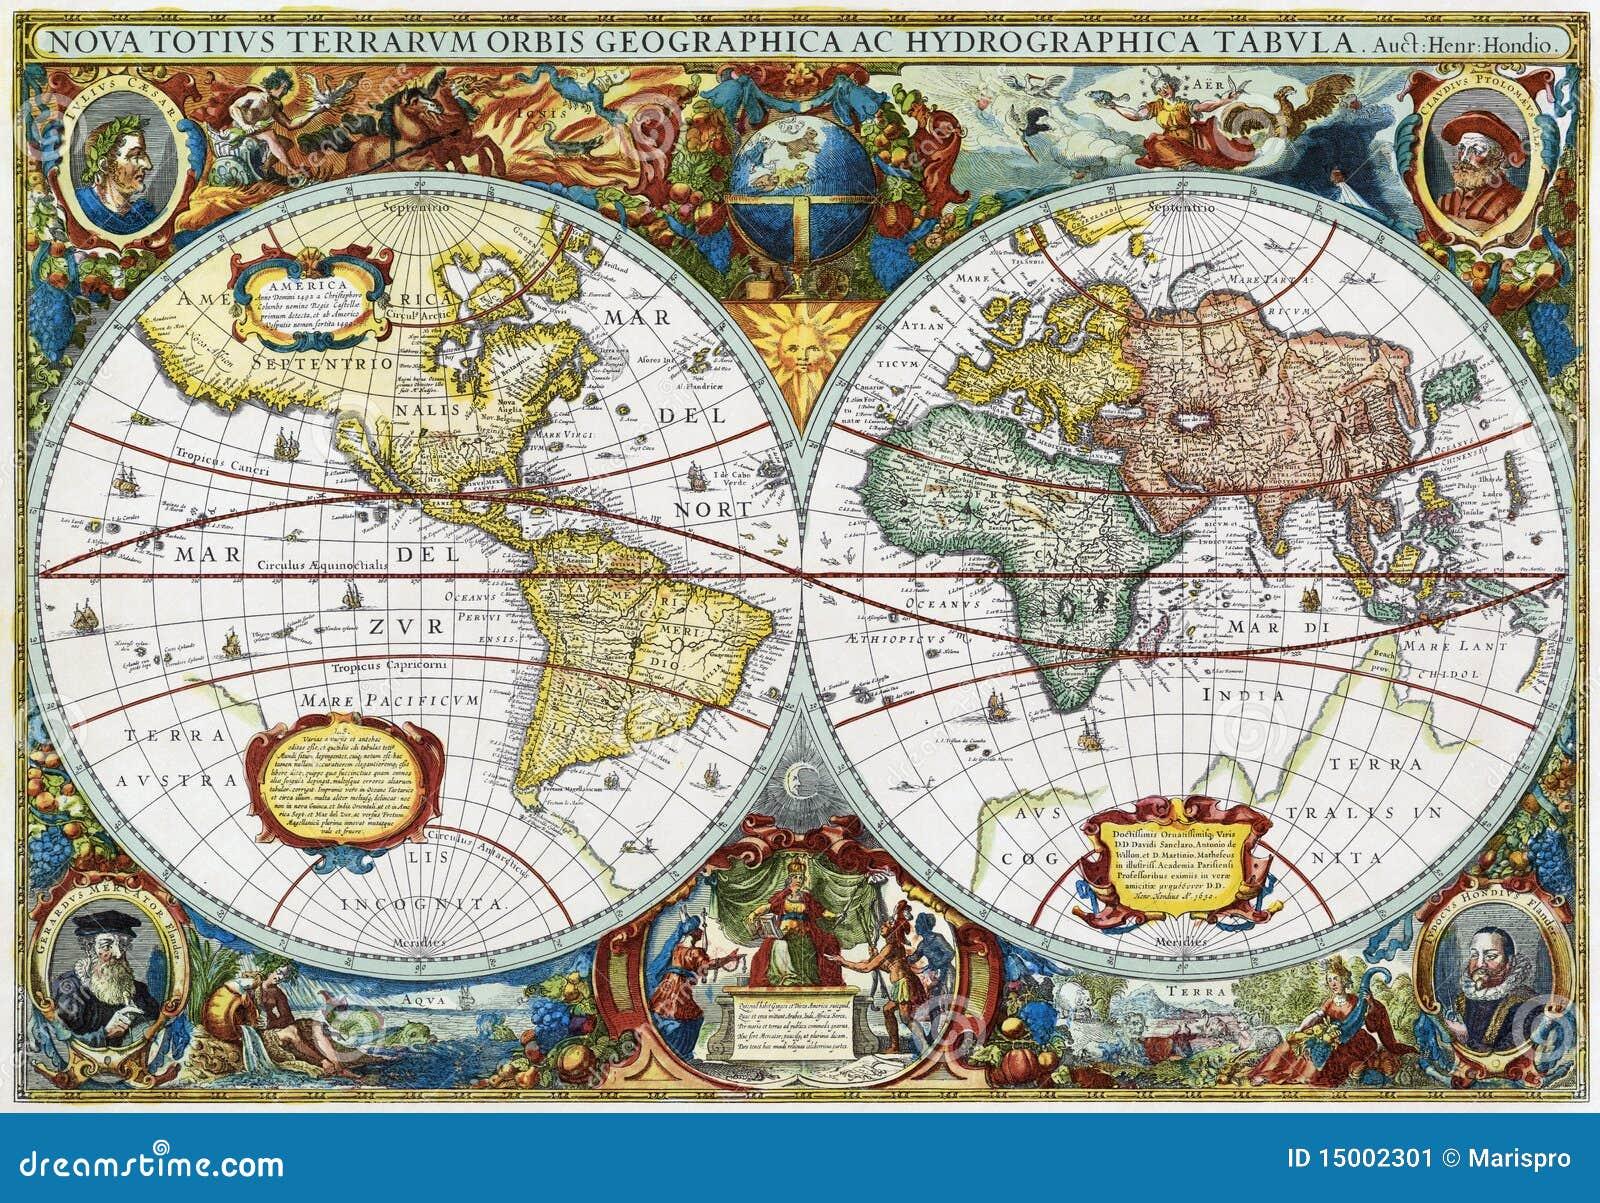 Connu Carte Antique De Monde Médiéval Image stock - Image: 15002301 AC27